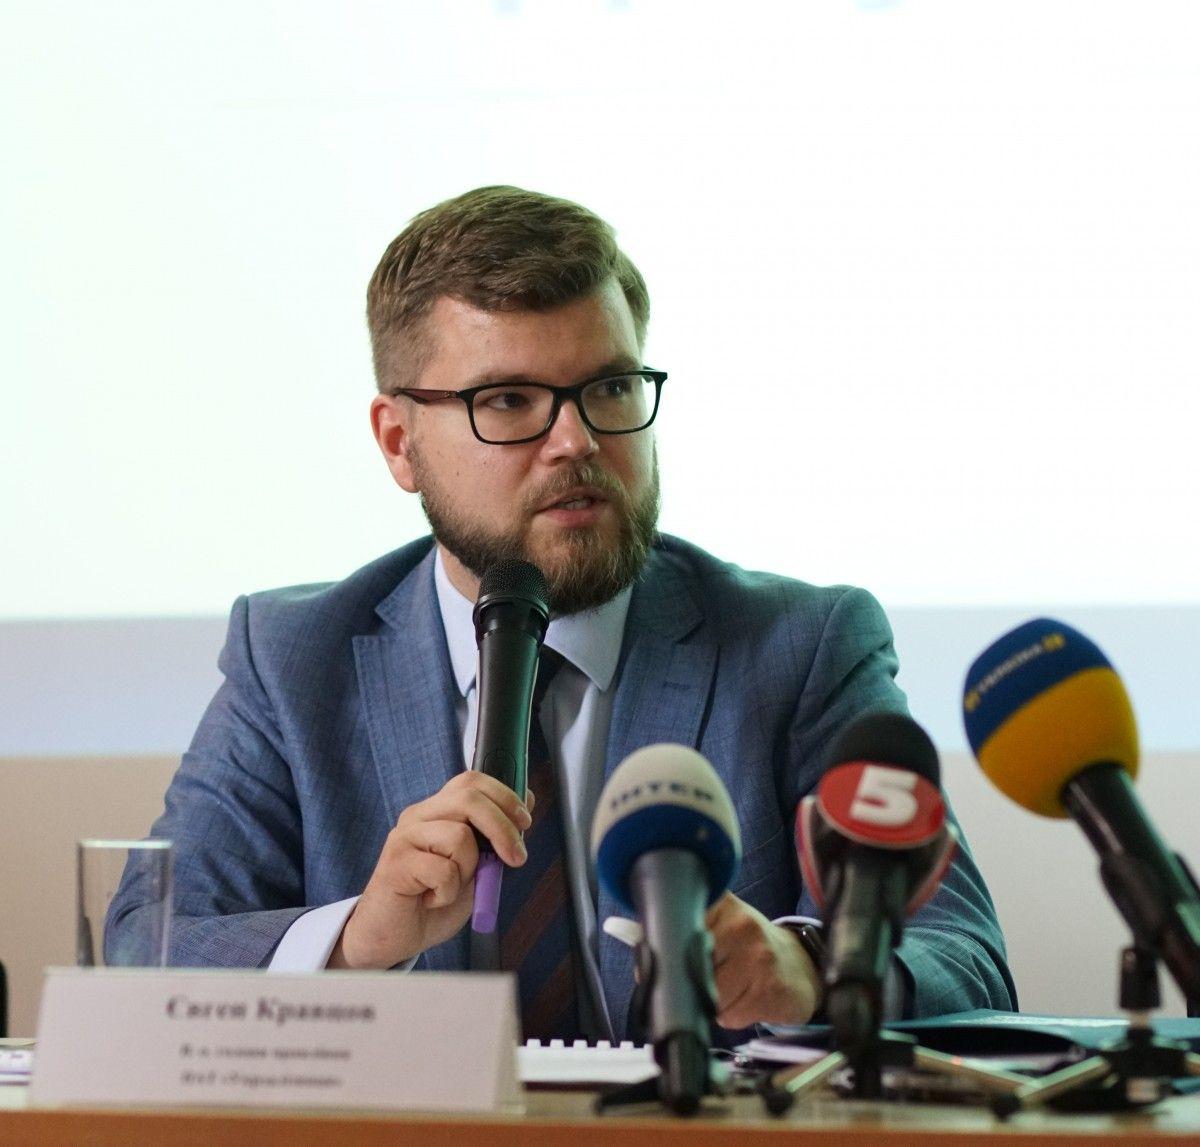 На сьогоднішній день у нас є сполученняз Росією, але пасажиропотік зменшується з року в рік, каже Кравцов / фото УЗ